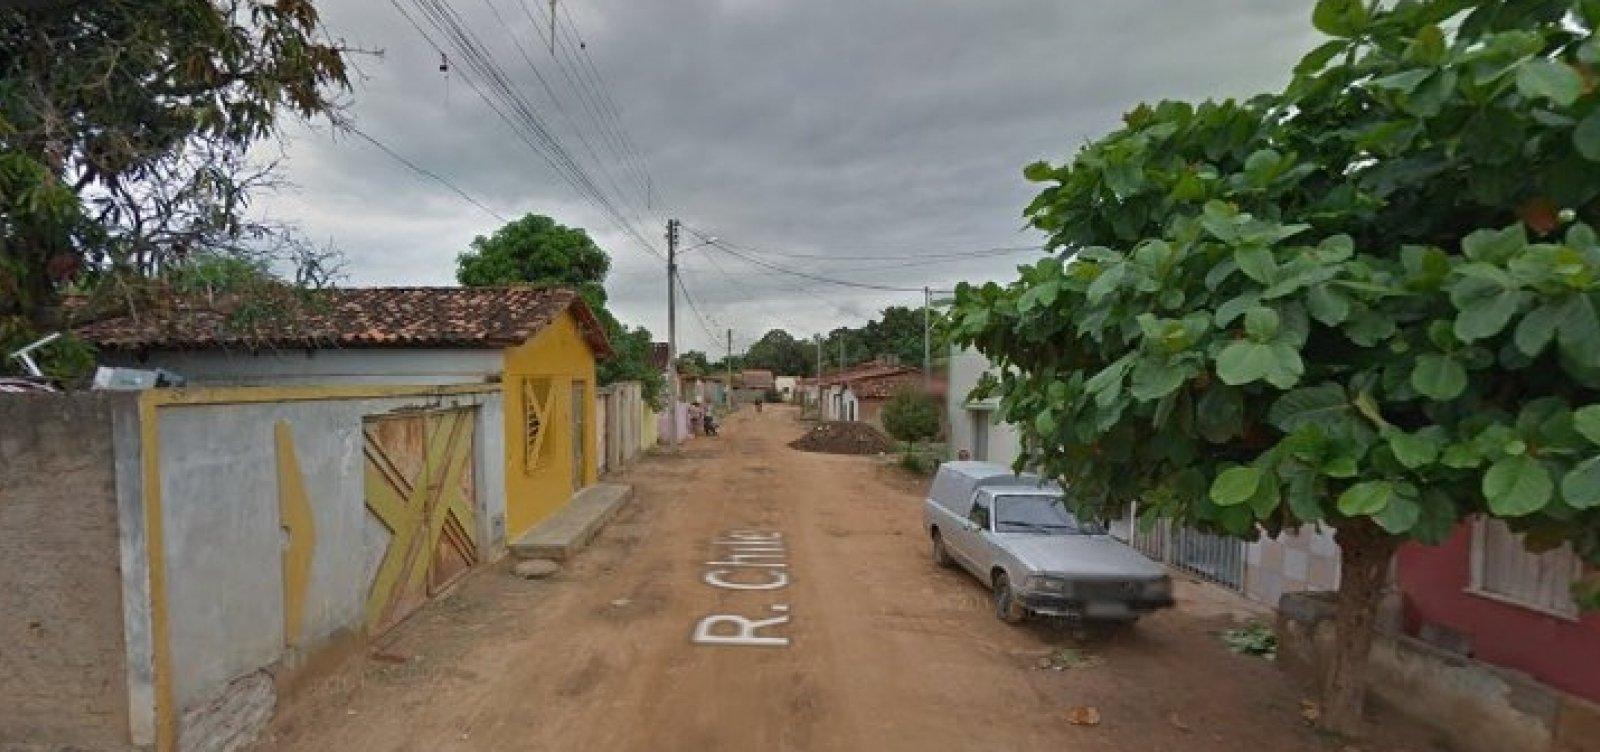 [Criança morre eletrocutada após segurar em ferro que sustentava toldo de igreja, na Bahia]